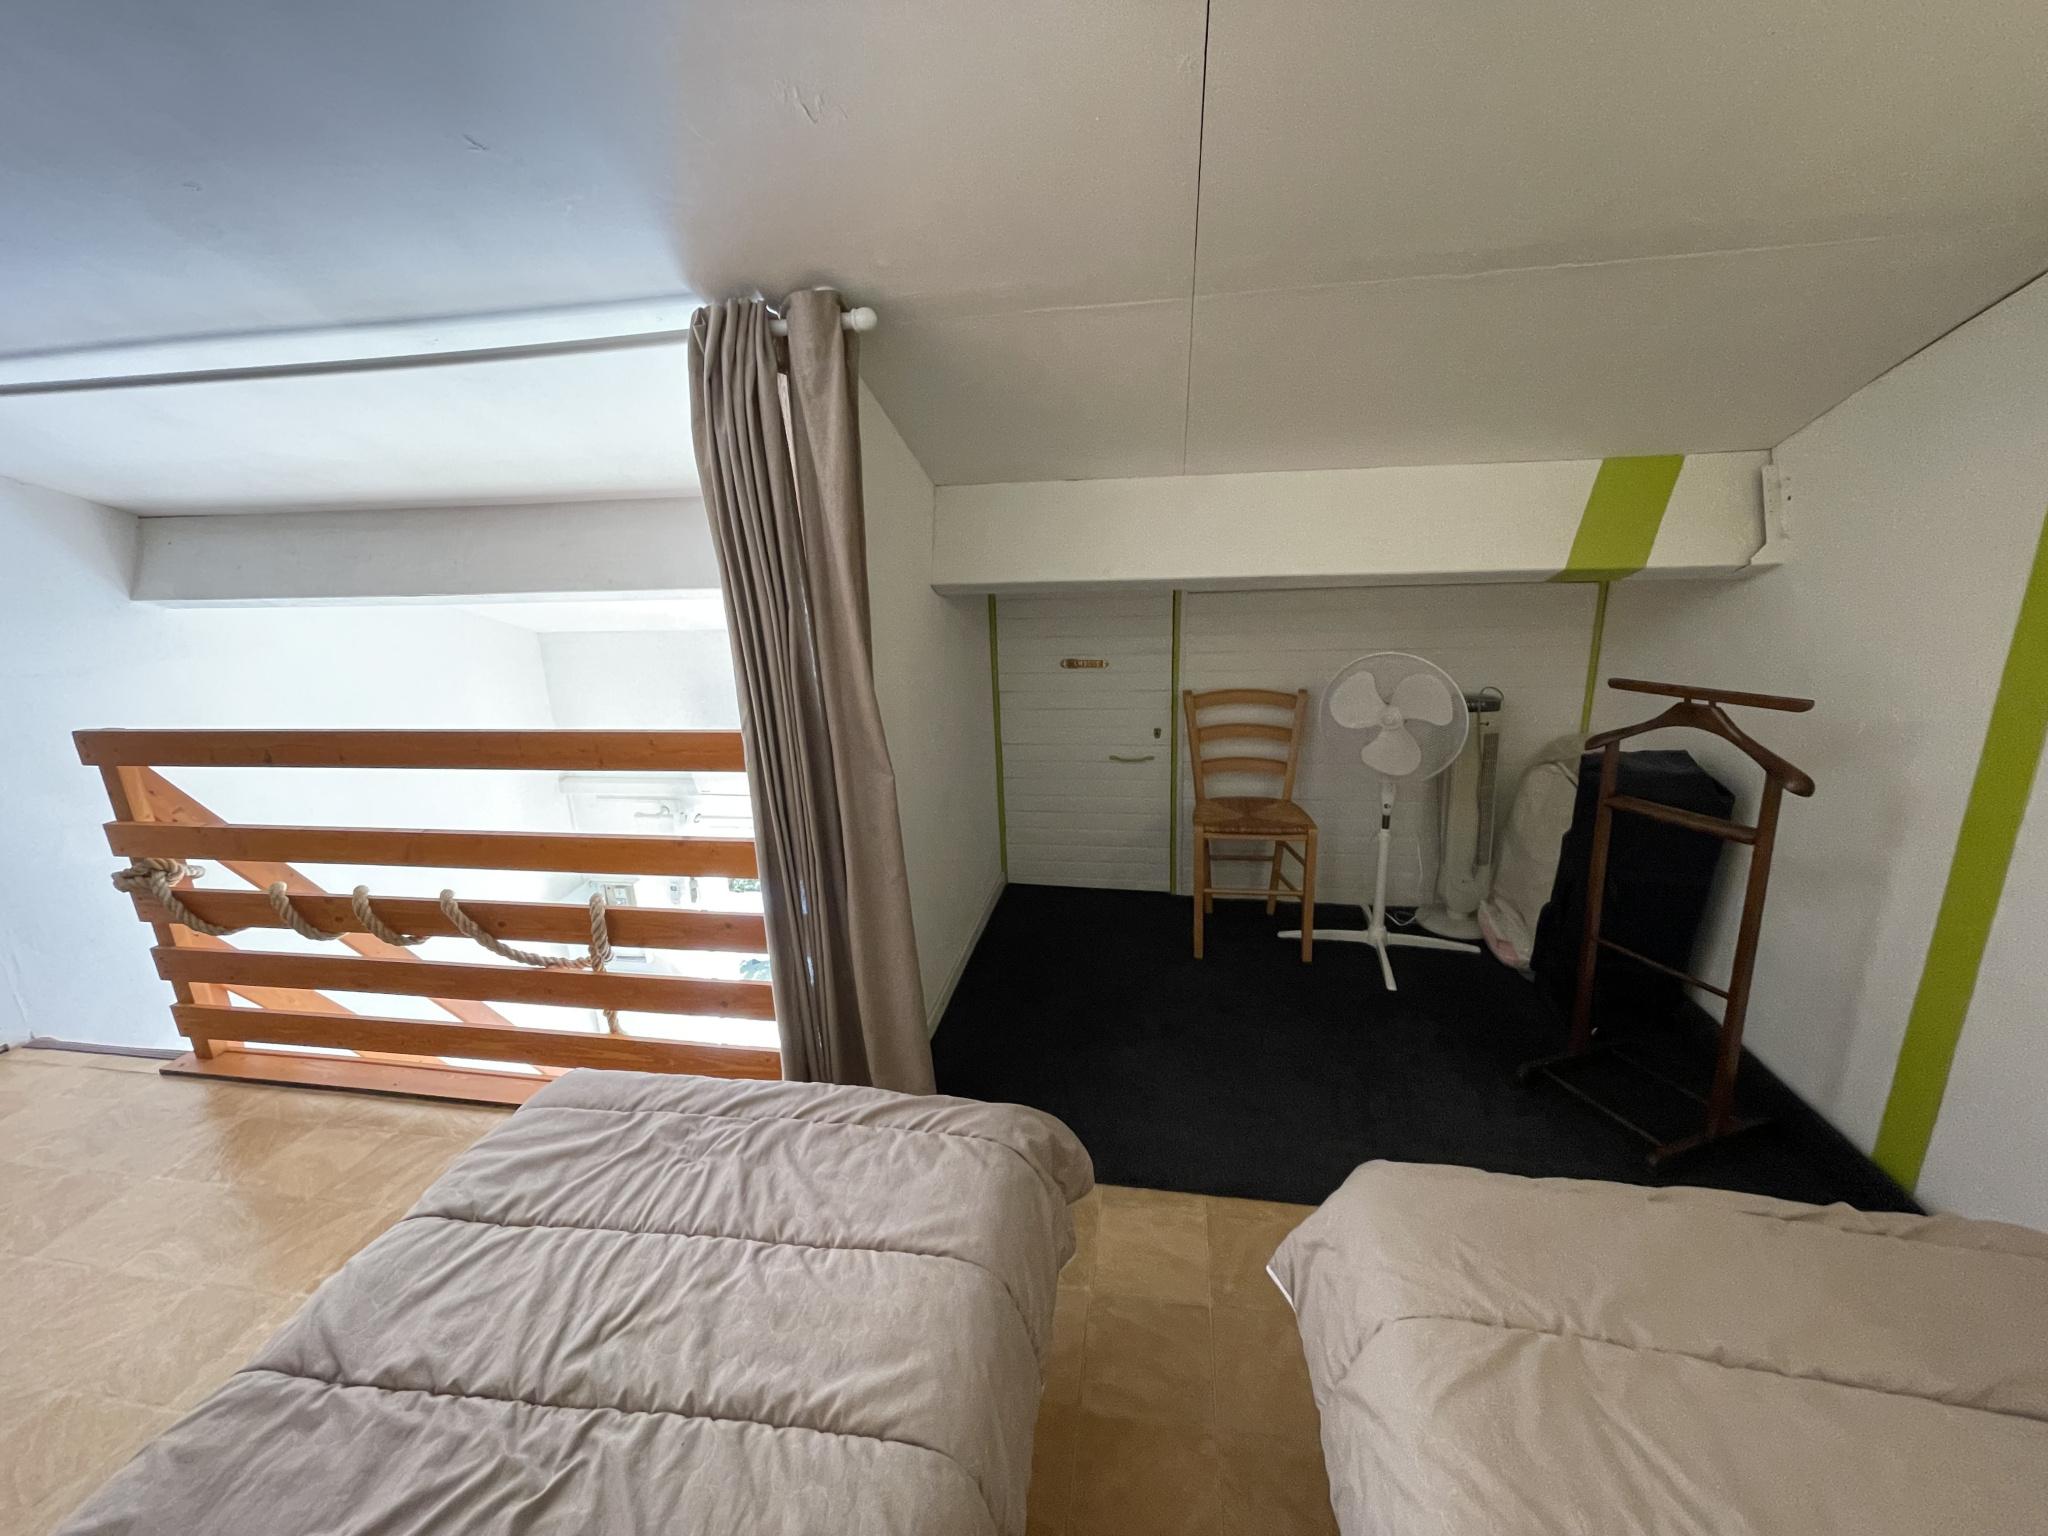 À vendre maison/villa de 44m2 à argeles plage (66700) - Photo 21'